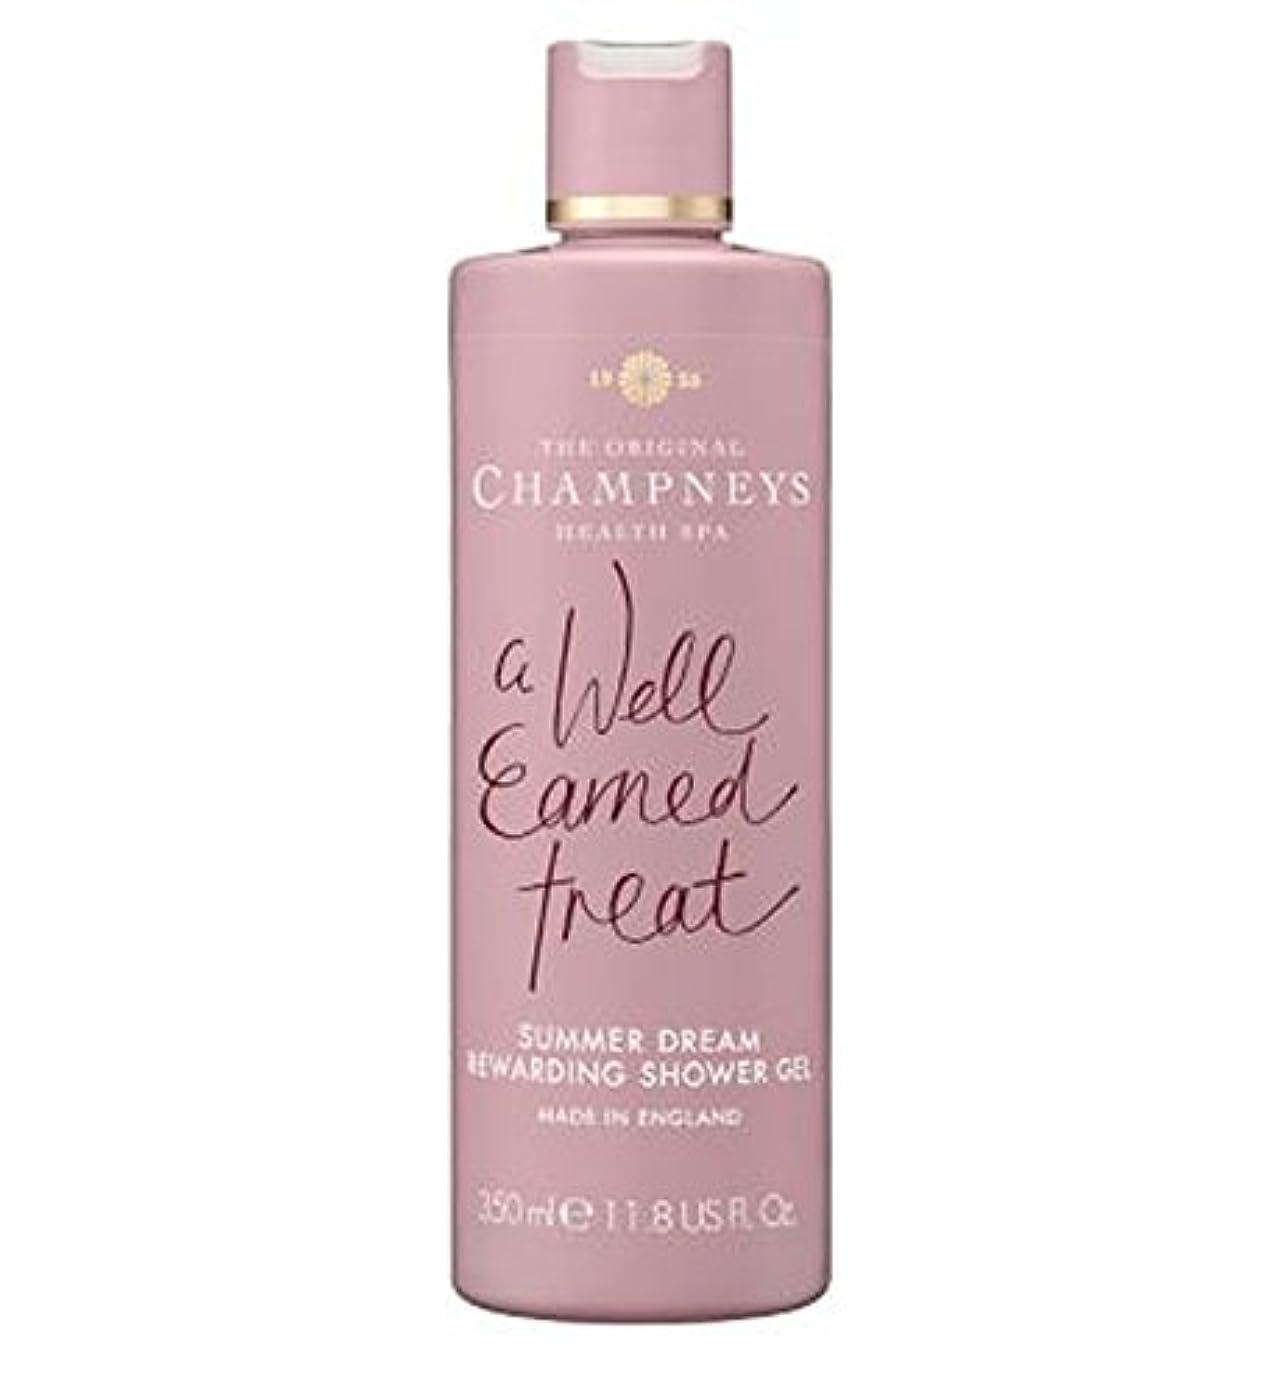 慢性的刺すジレンマChampneys Summer Dream Rewarding Shower Gel 350ml - チャンプニーズの夏の夢やりがいのシャワージェル350ミリリットル (Champneys) [並行輸入品]